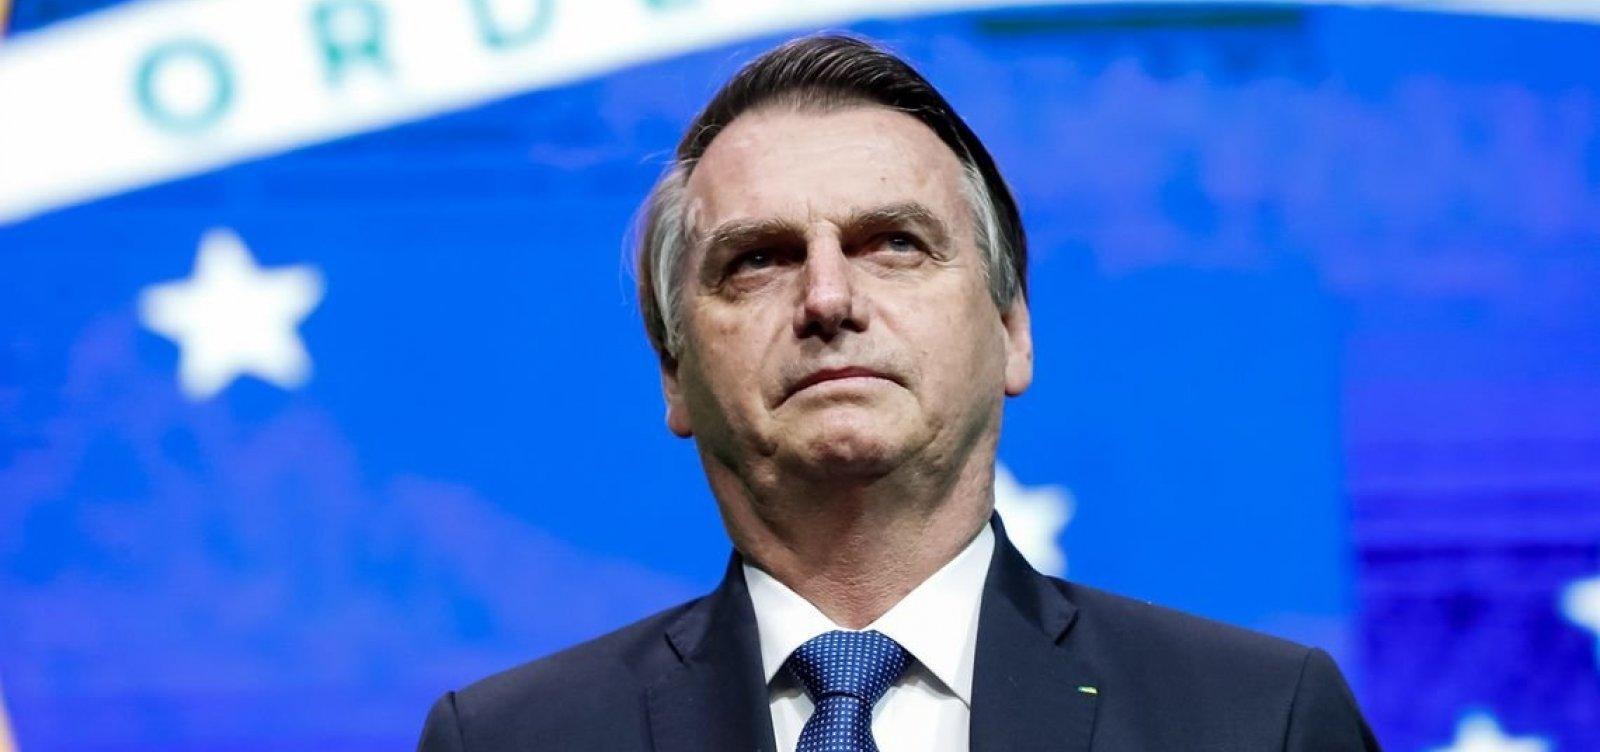 ['Completamente equivocada', diz Bolsonaro sobre decisão de criminalizar homofobia]